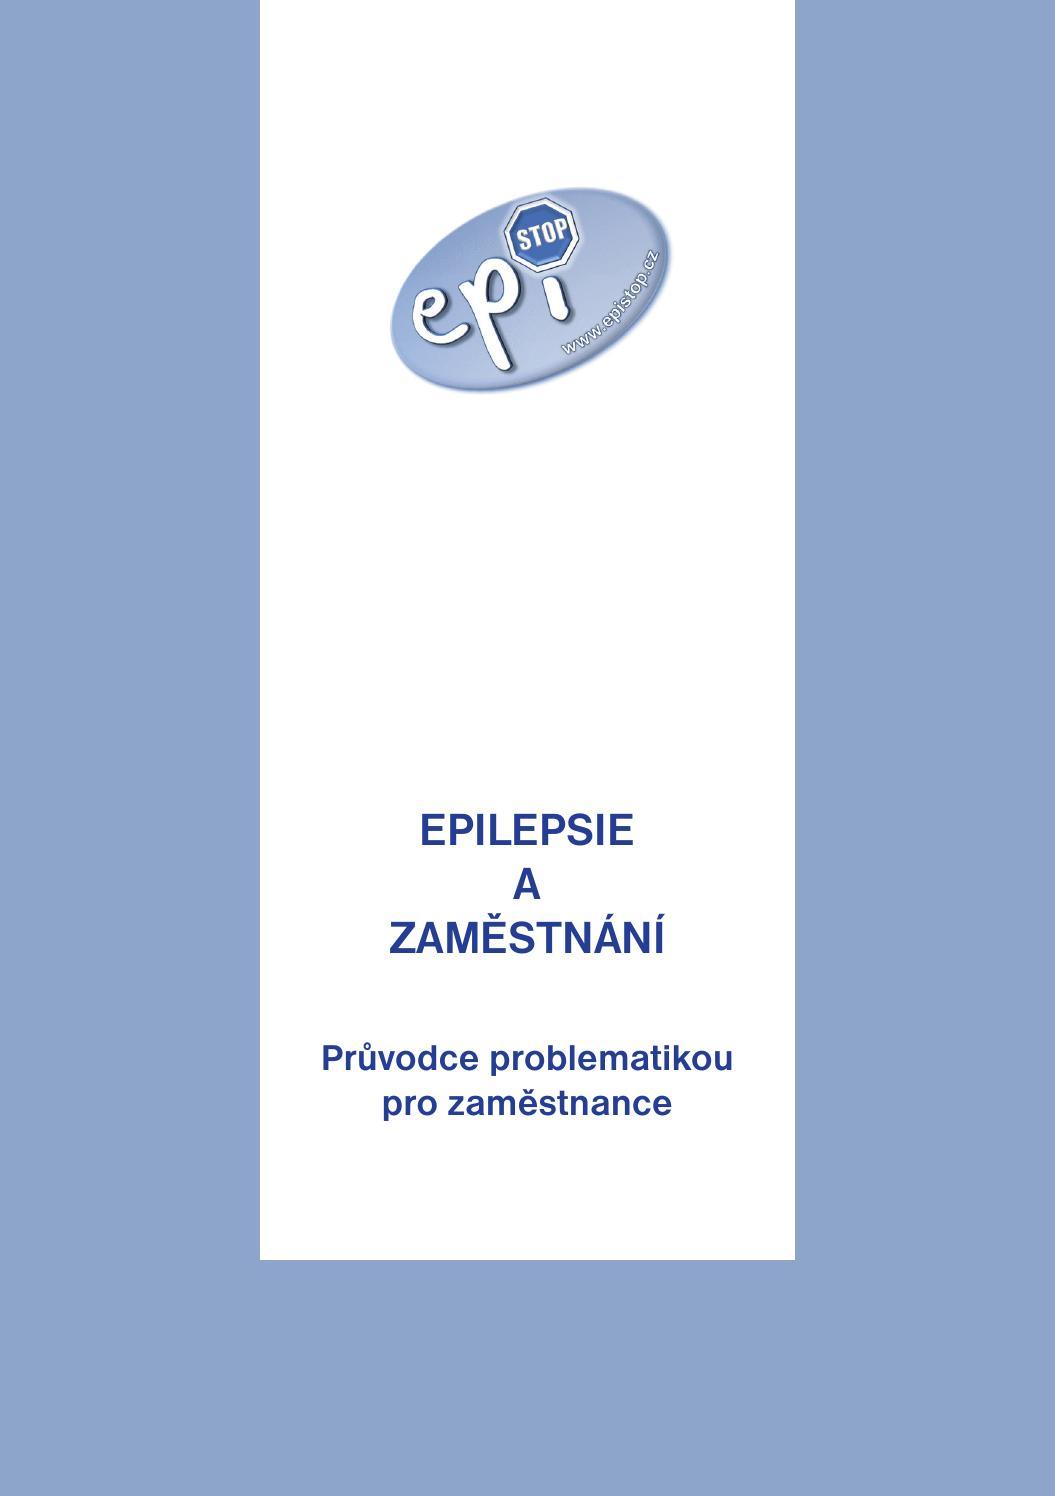 webová stránka pro epilepsii